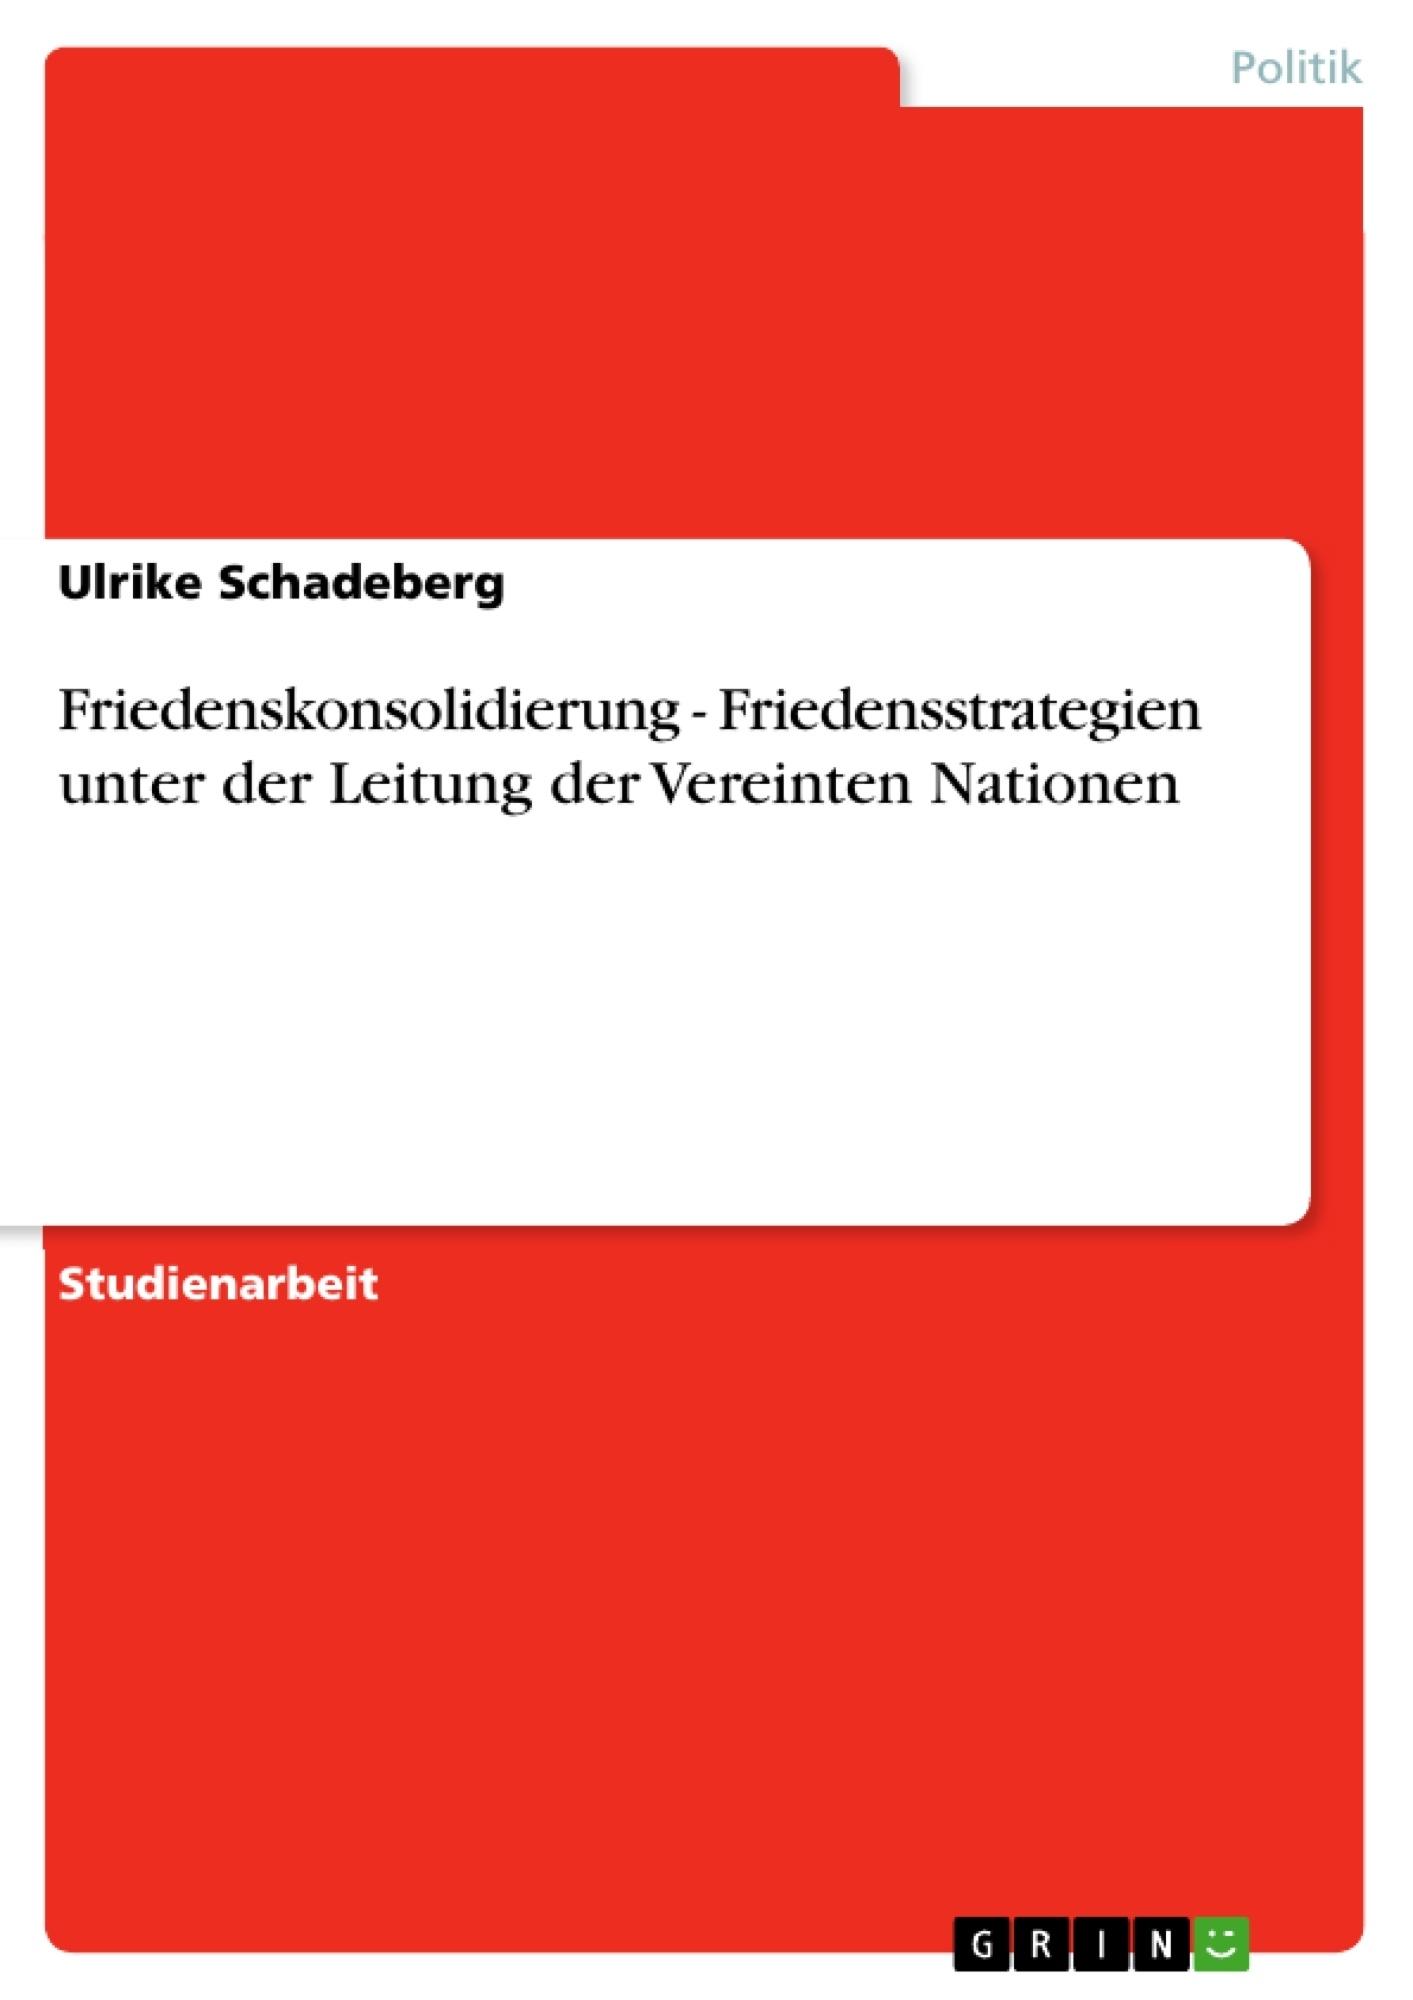 Titel: Friedenskonsolidierung - Friedensstrategien unter der Leitung der Vereinten Nationen